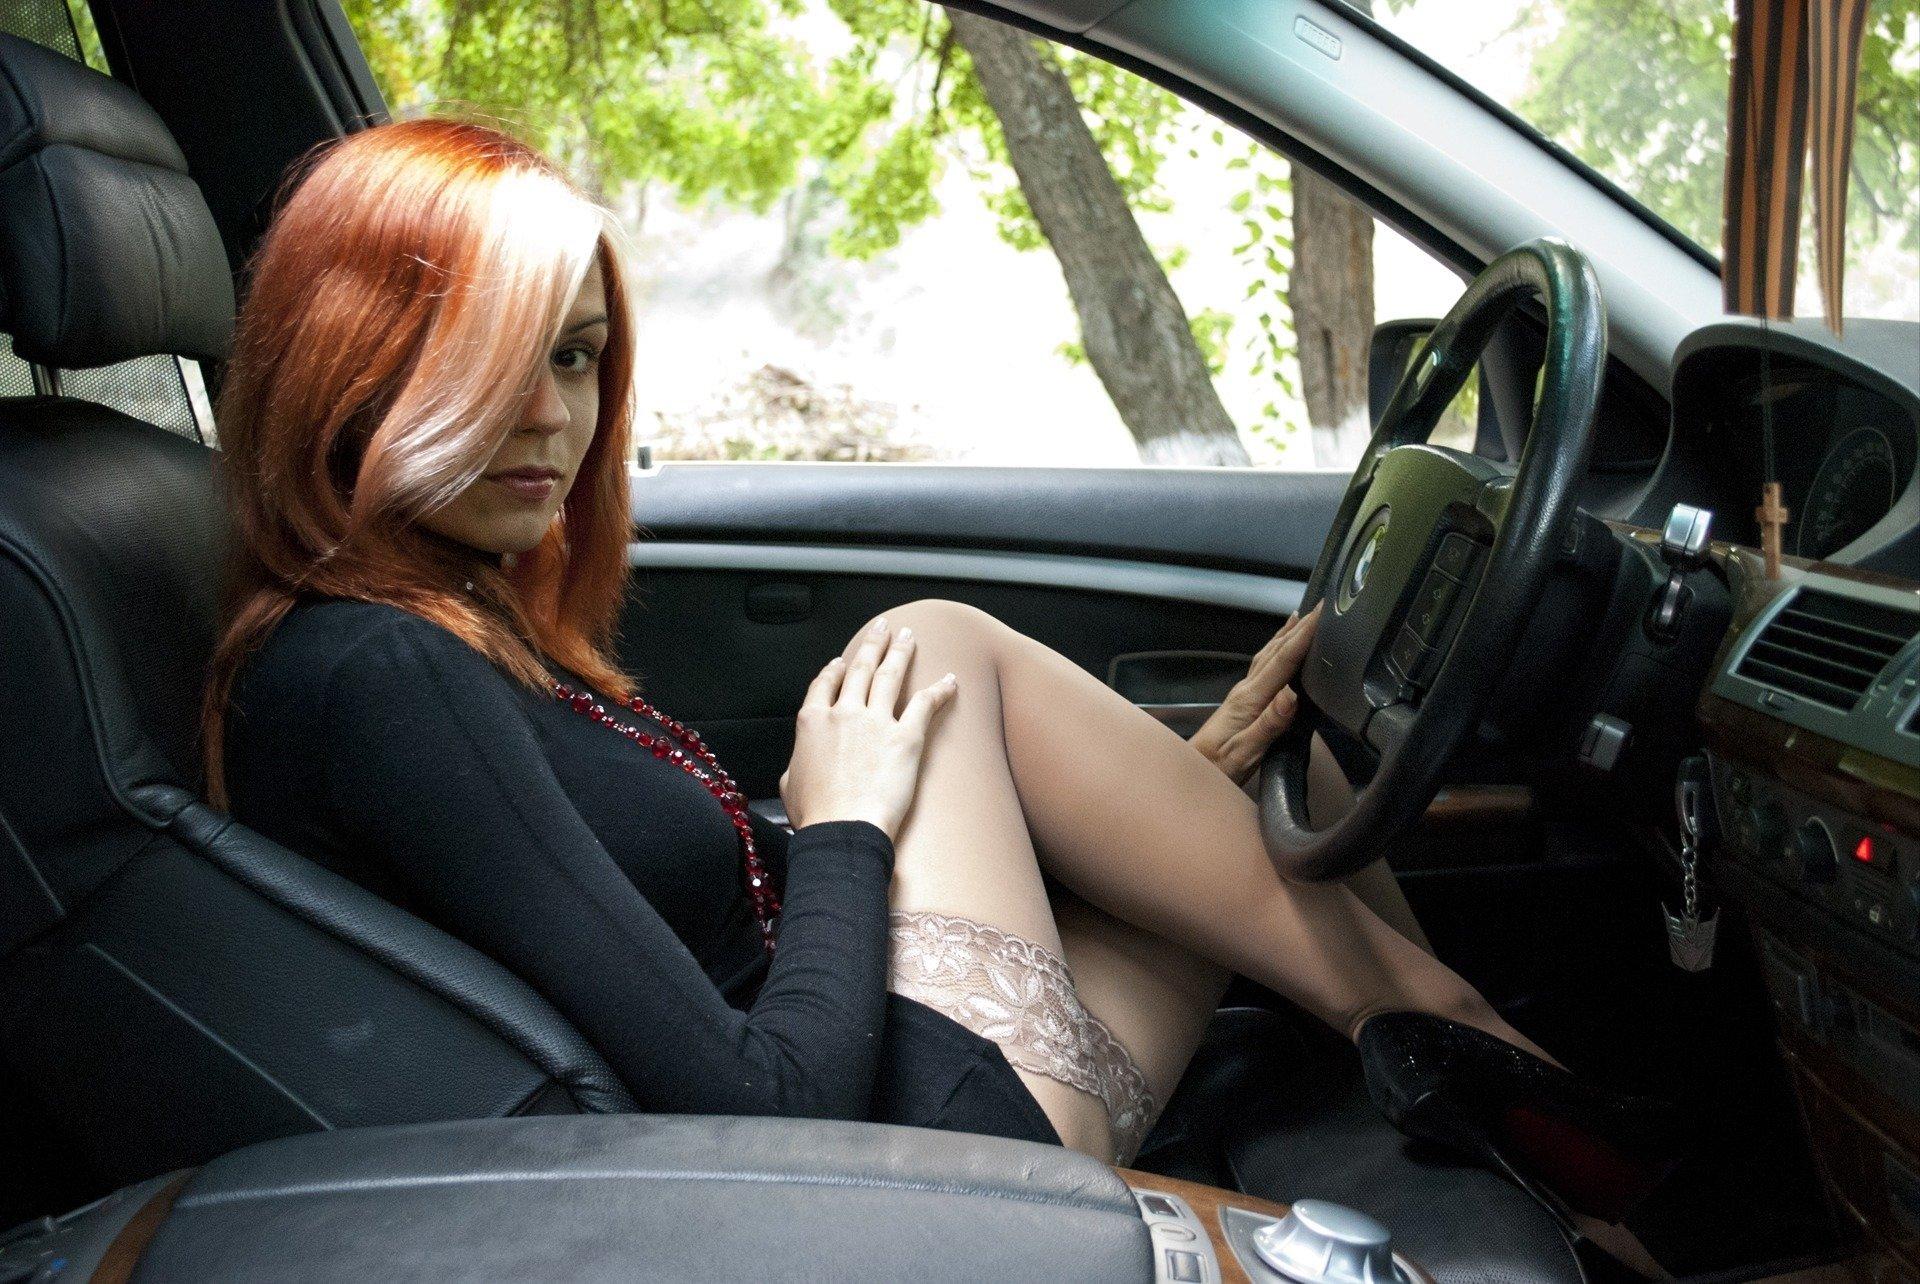 Снял проститутку машине проститутки камбоджи тюмень